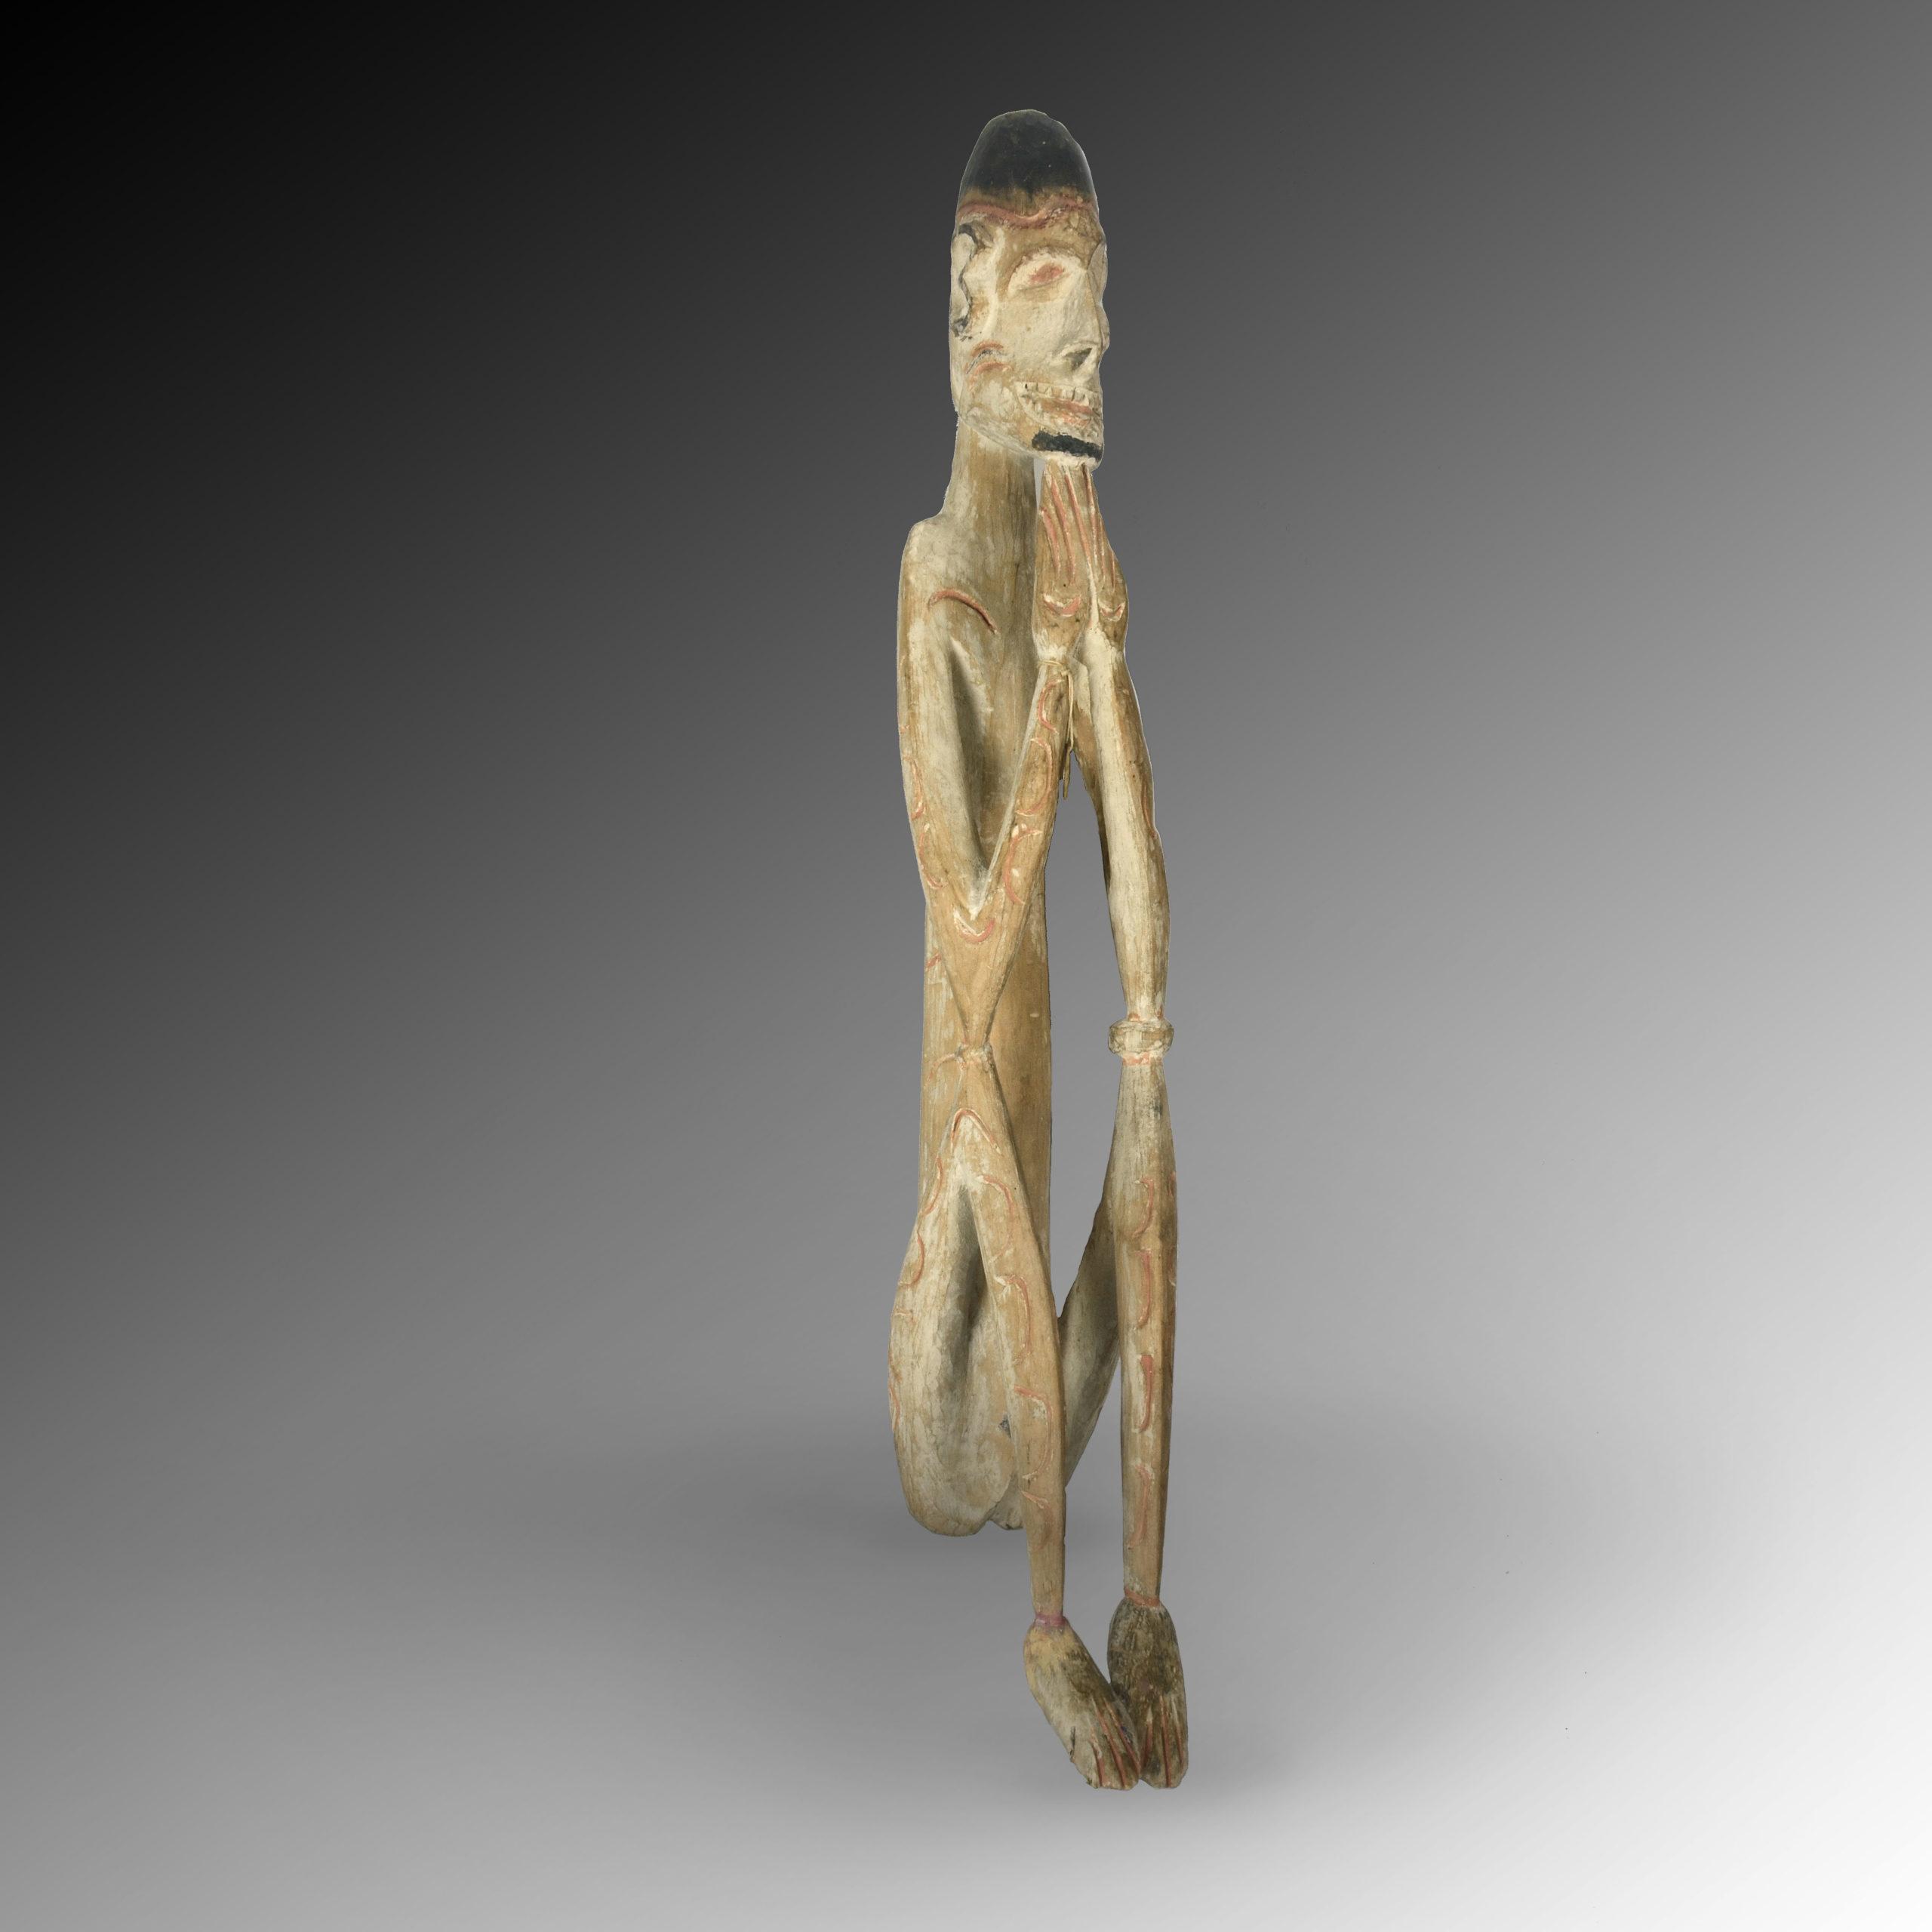 An Asmat ancestor statue